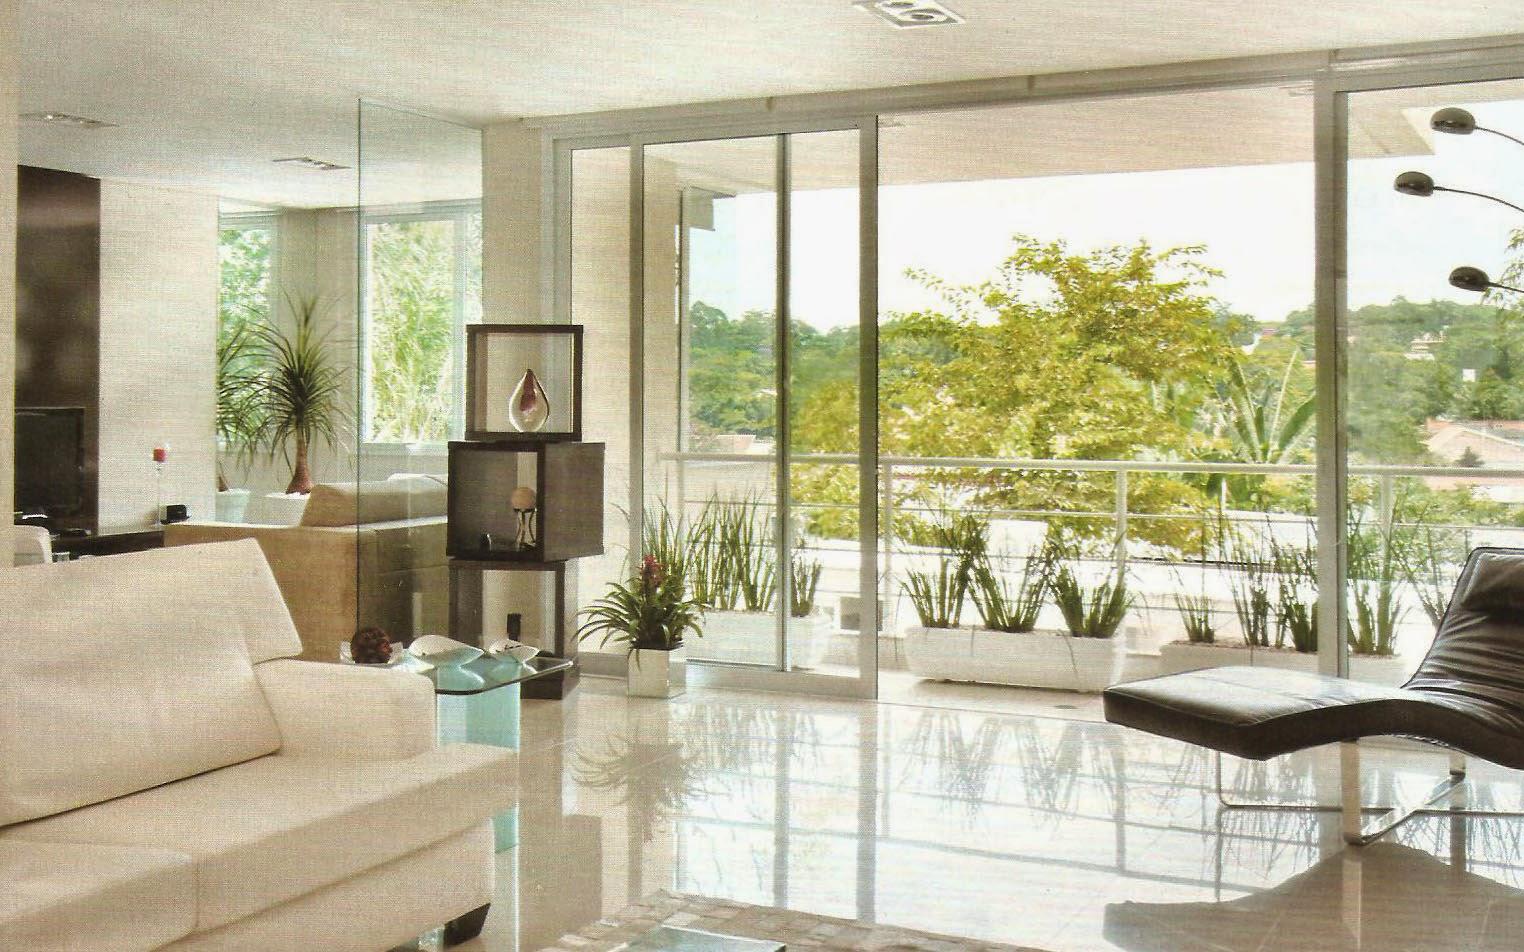 #938B38 Construindo Minha Casa Clean: 10 Dicas de como Economizar Energia com  220 Janelas De Vidro Para Cozinha